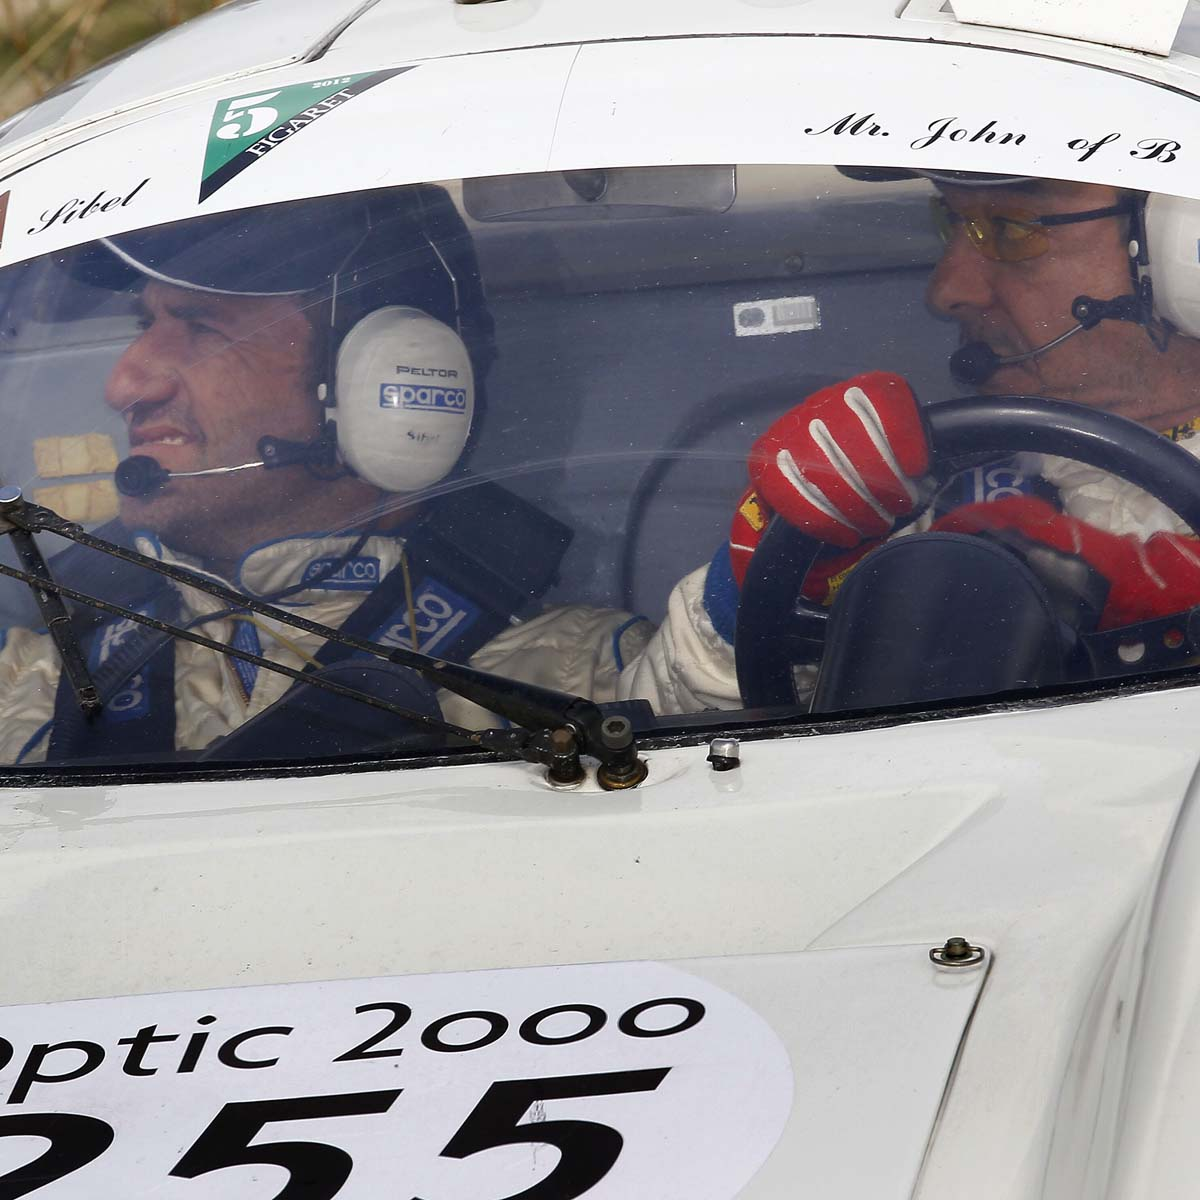 La Cote des Montres : Photo - Audemars Piguet - Tour Auto 2012 - Samedi 21 avril - Étape 5